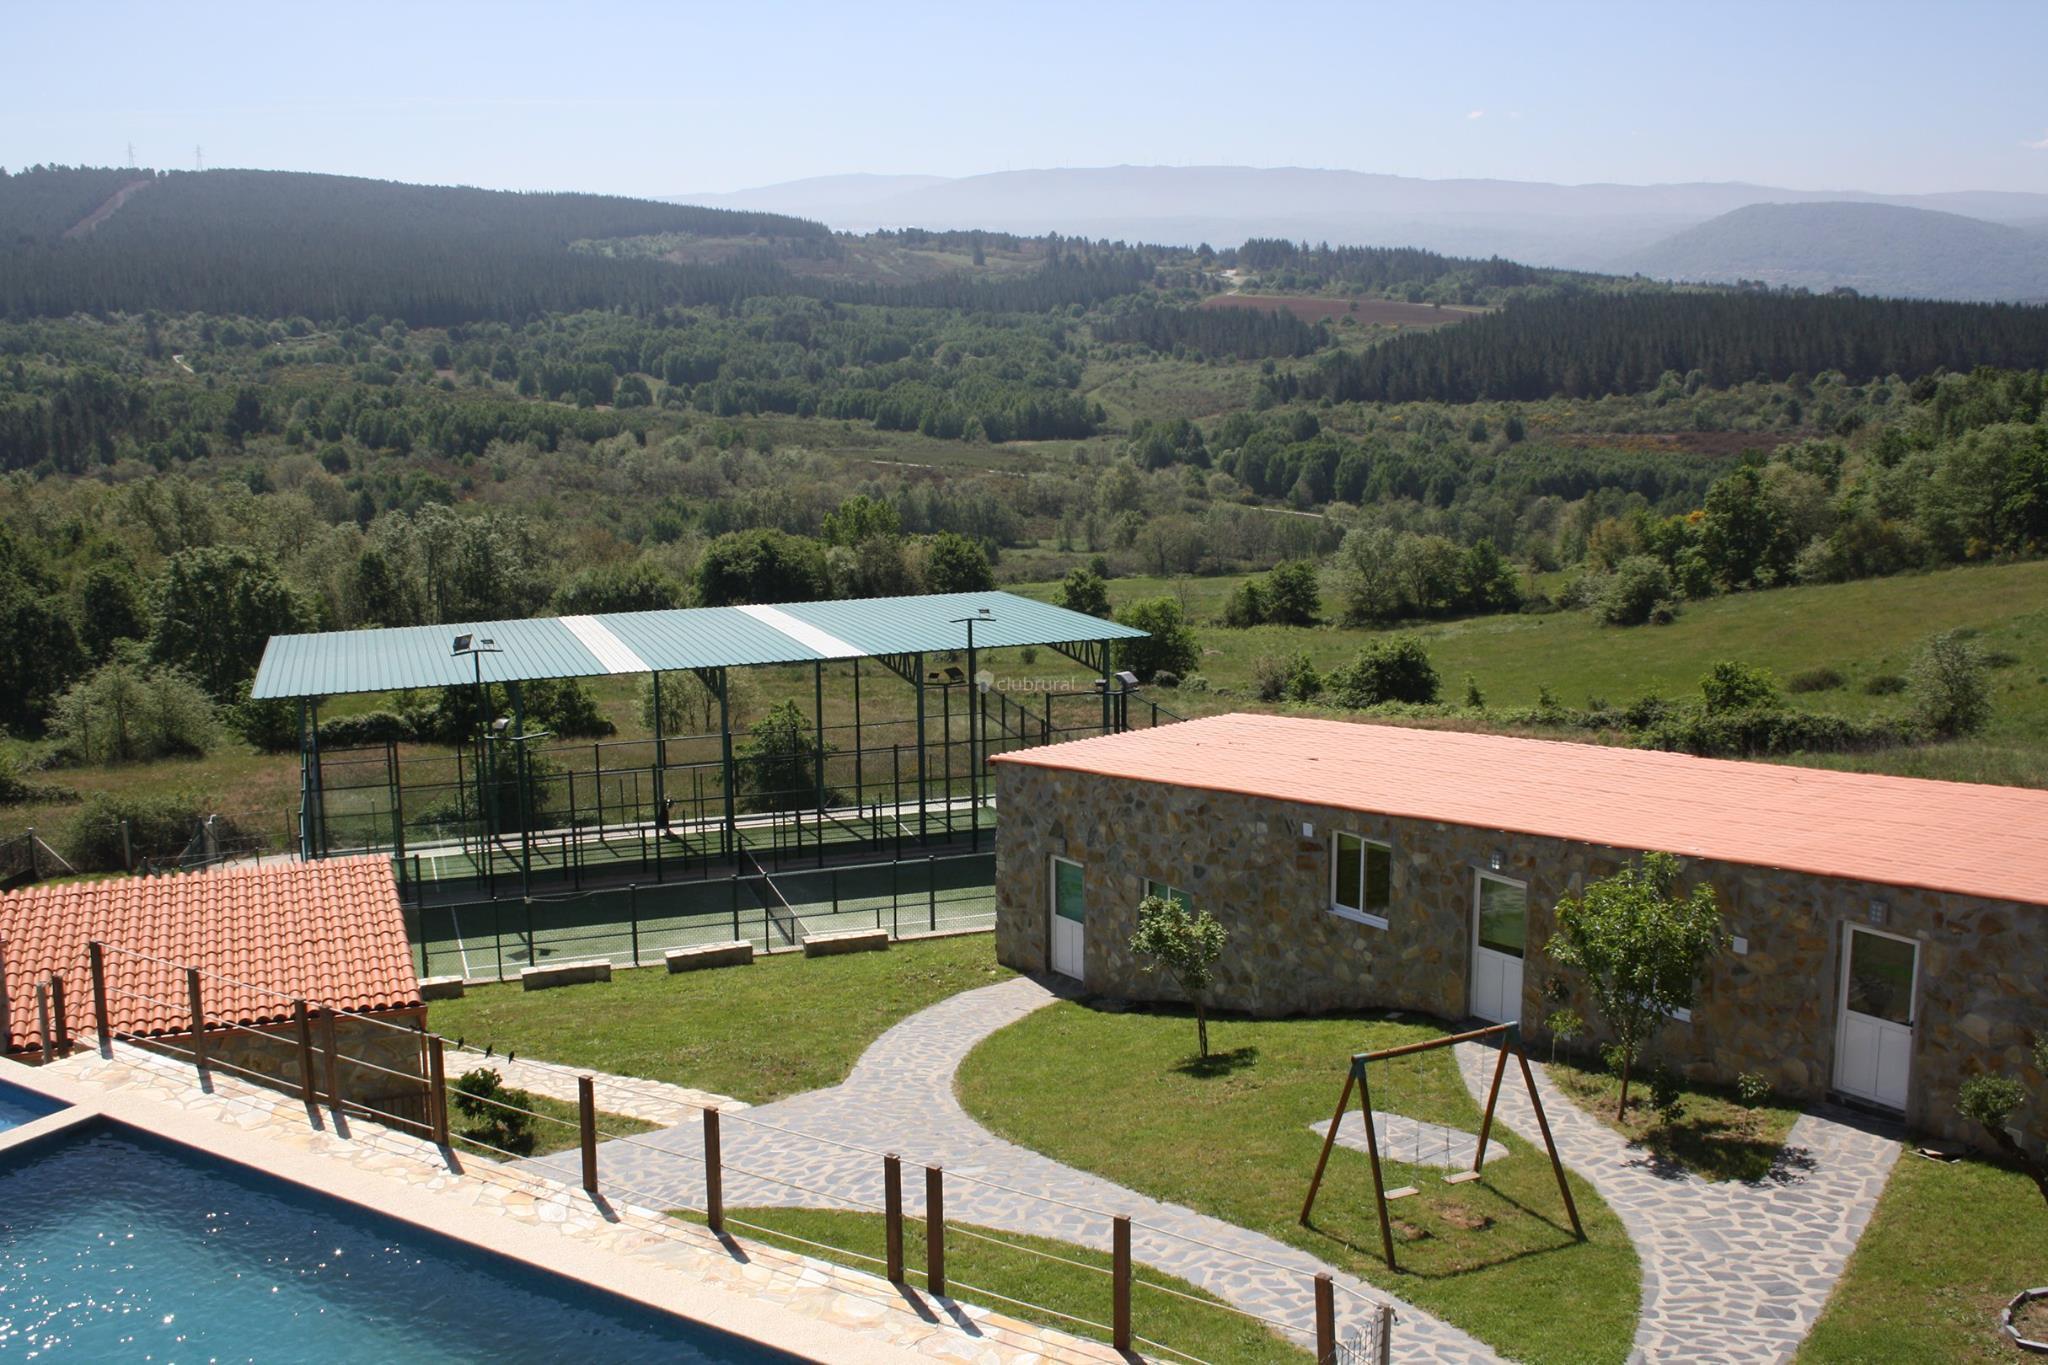 Fotos de casa felisa marcelle lugo monforte de lemos for Casa rural lugo piscina